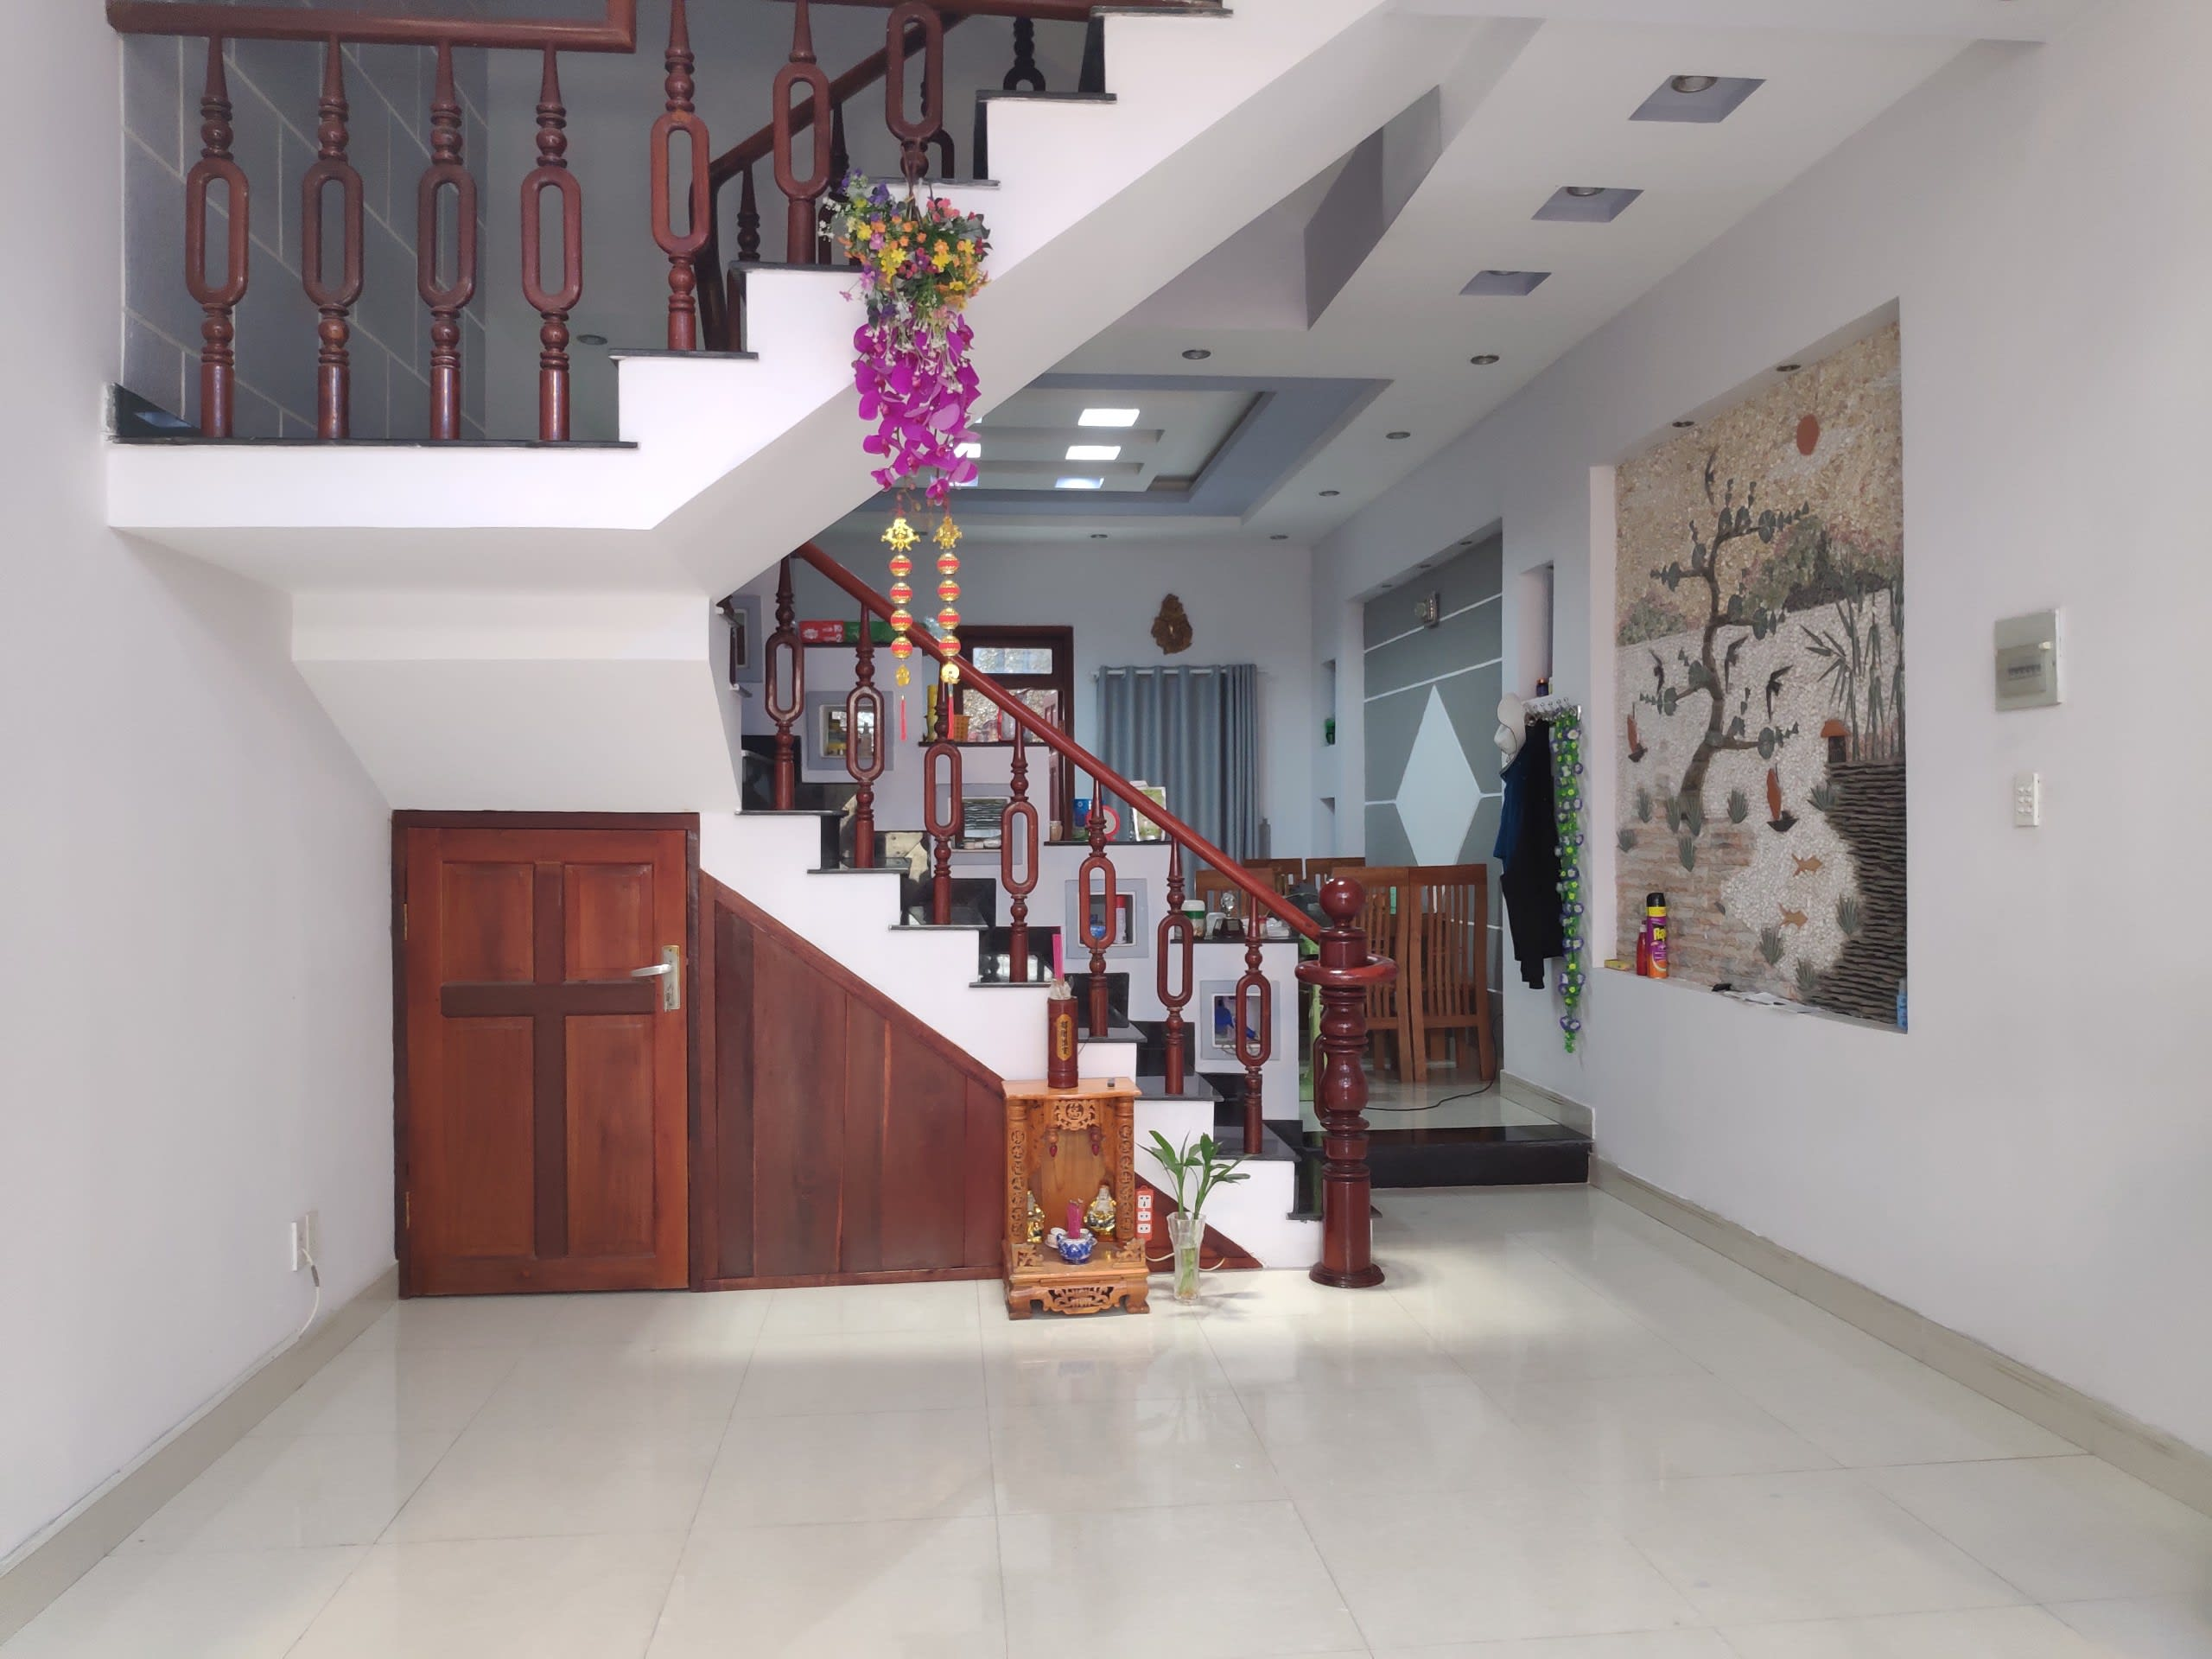 Bán Nhà Hẻm 60 Lâm Văn Bền Quận 7, Mới Đẹp Kiên Cố